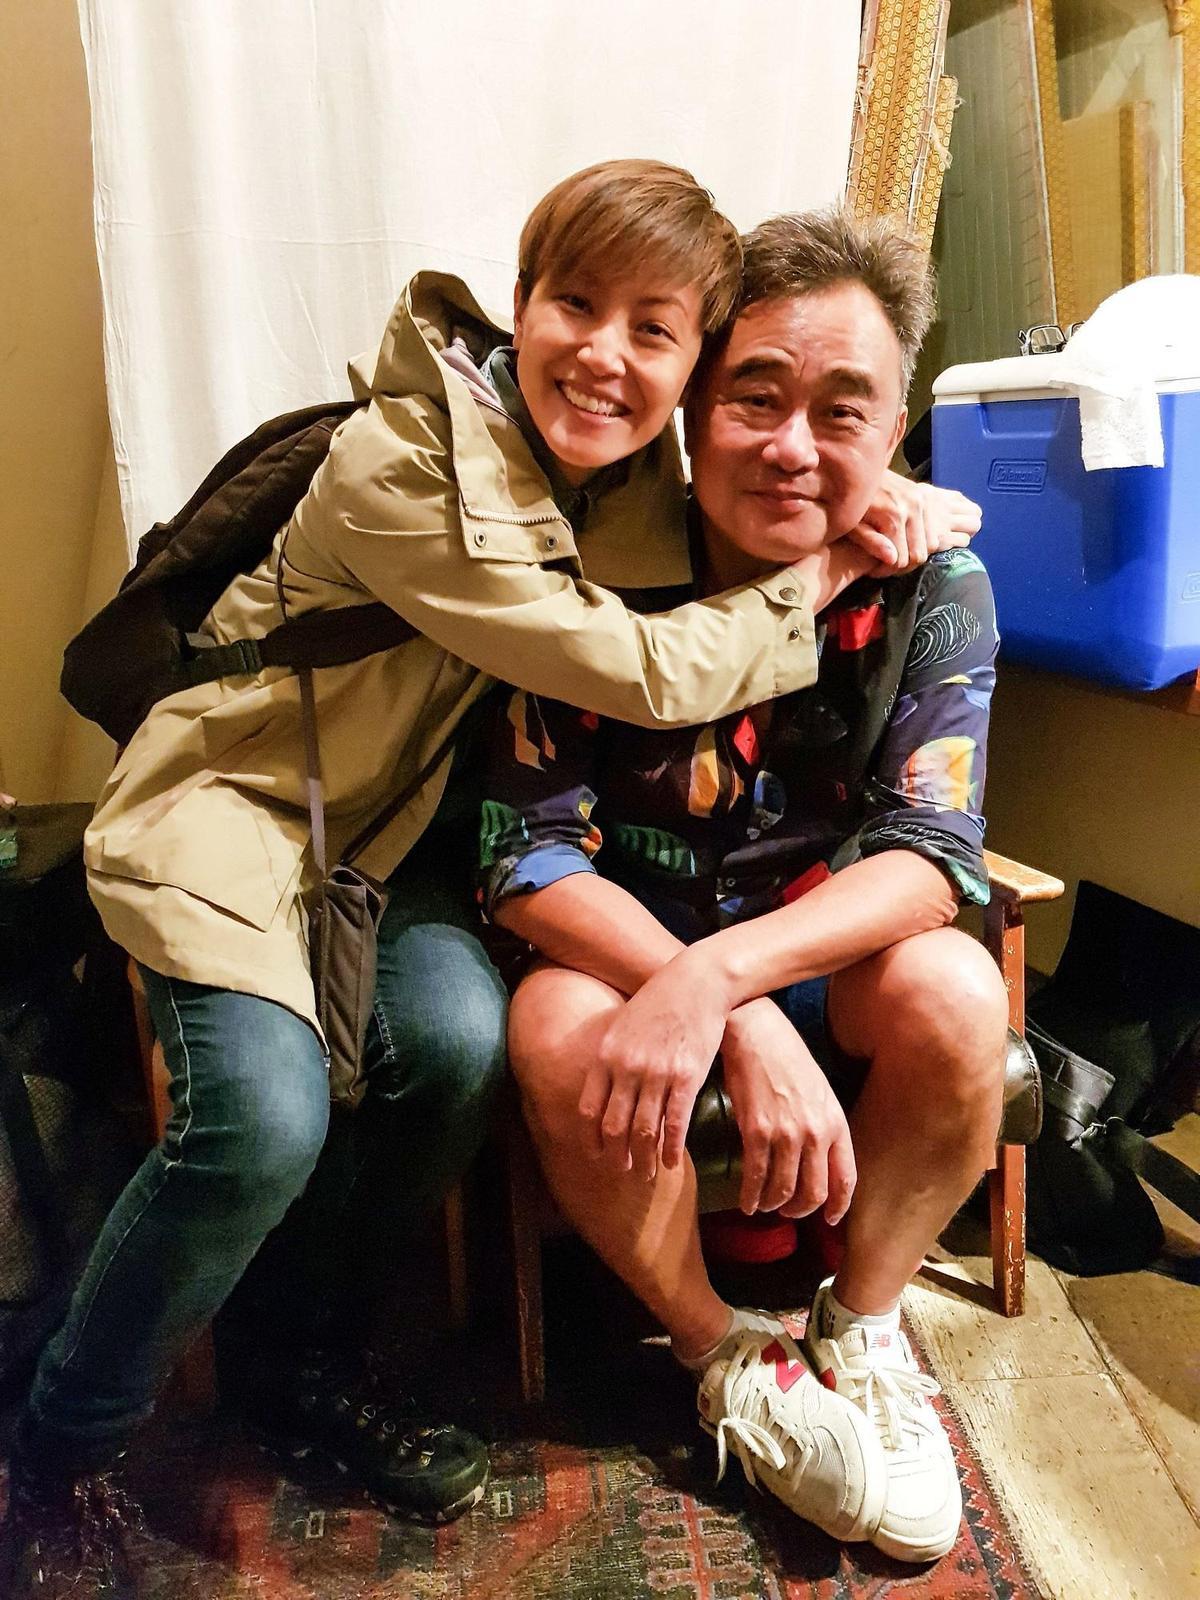 香港歌手黃耀明與何韻詩人在東京,得知陳昇在當地開唱特別現身打氣捧場。(新樂園製作提供)